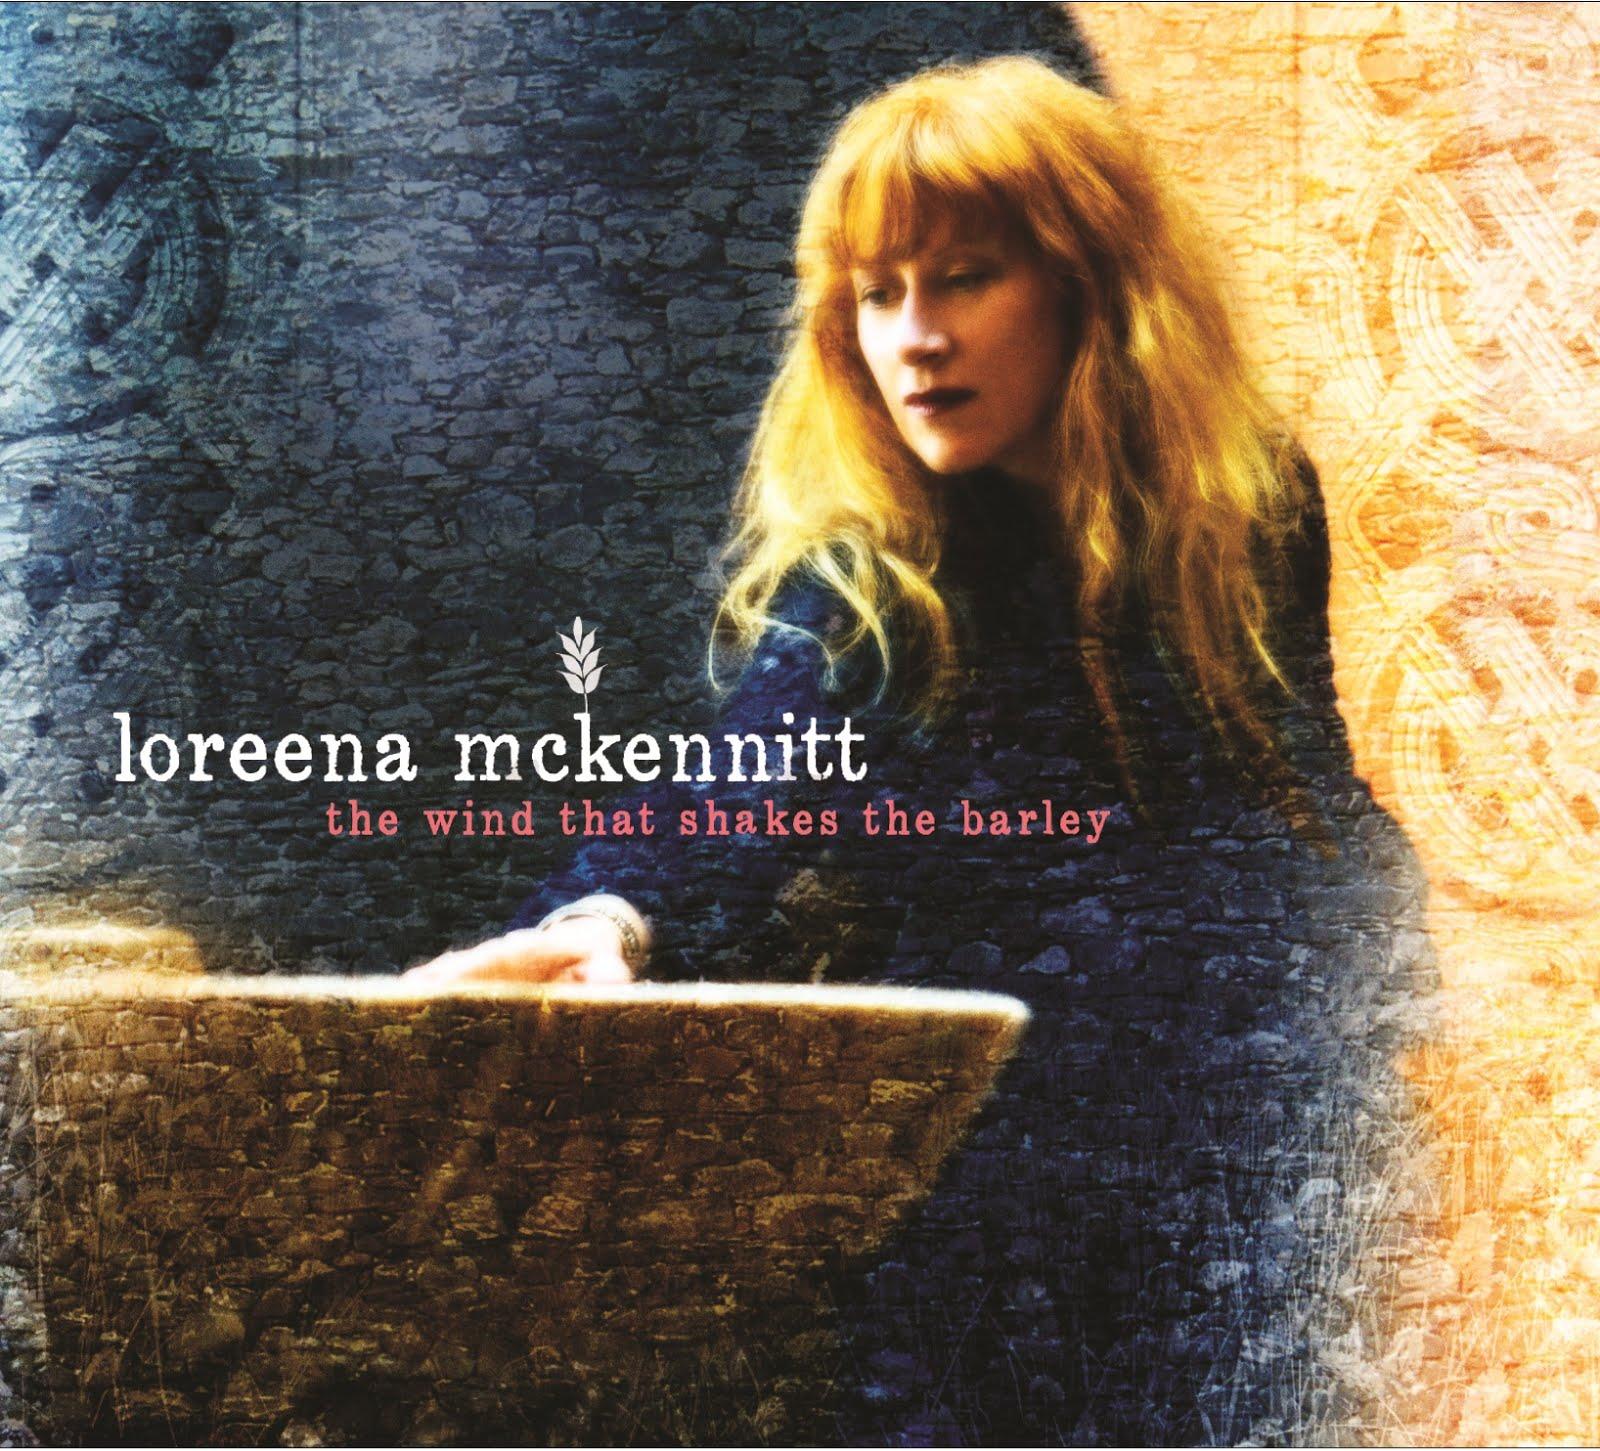 LORENA MCKNNITT